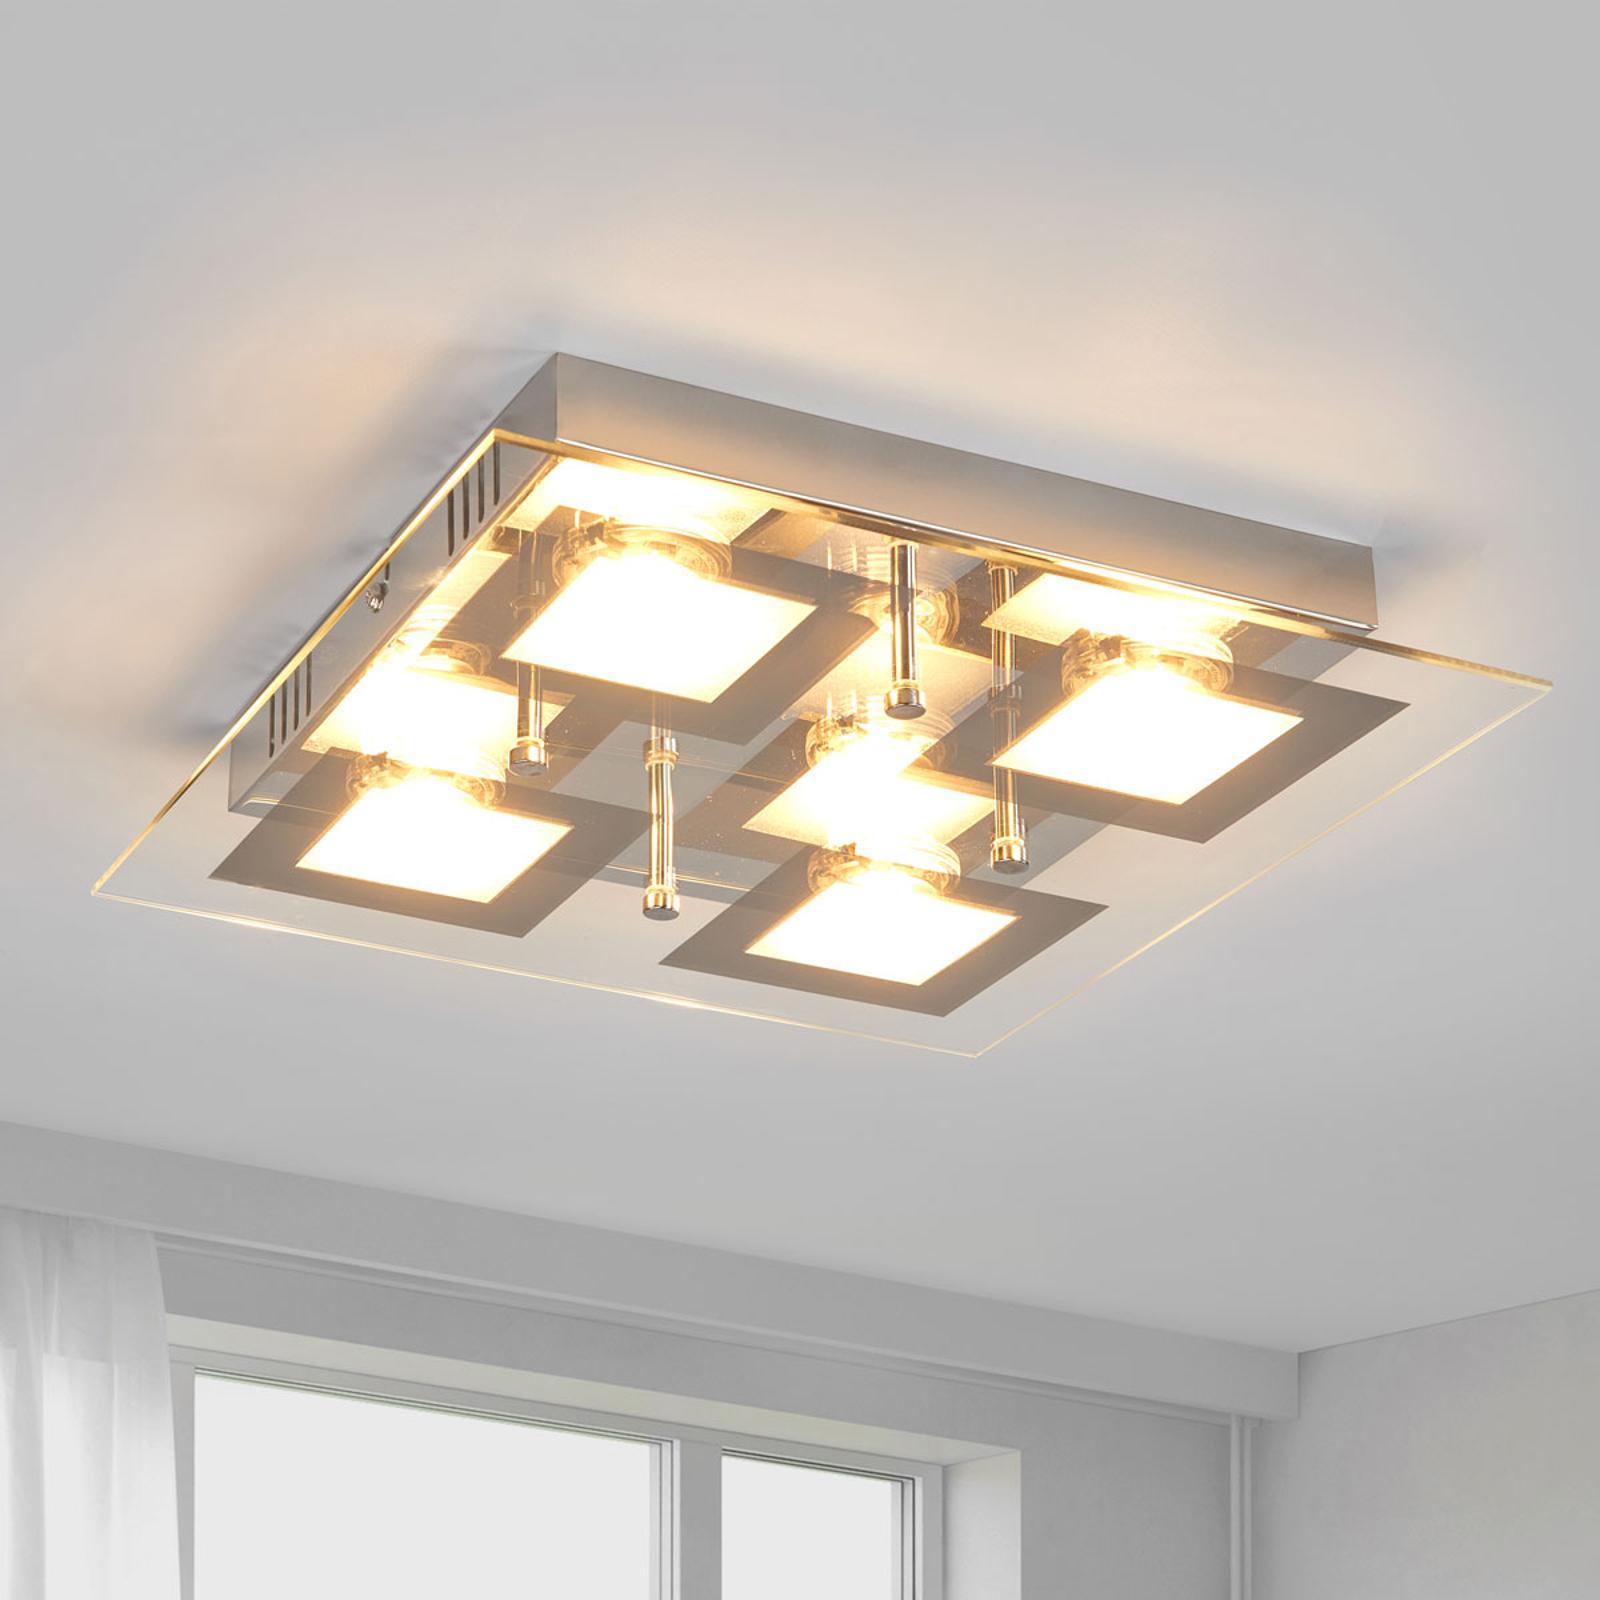 Firkantet LED-kjøkkenlampe Manja